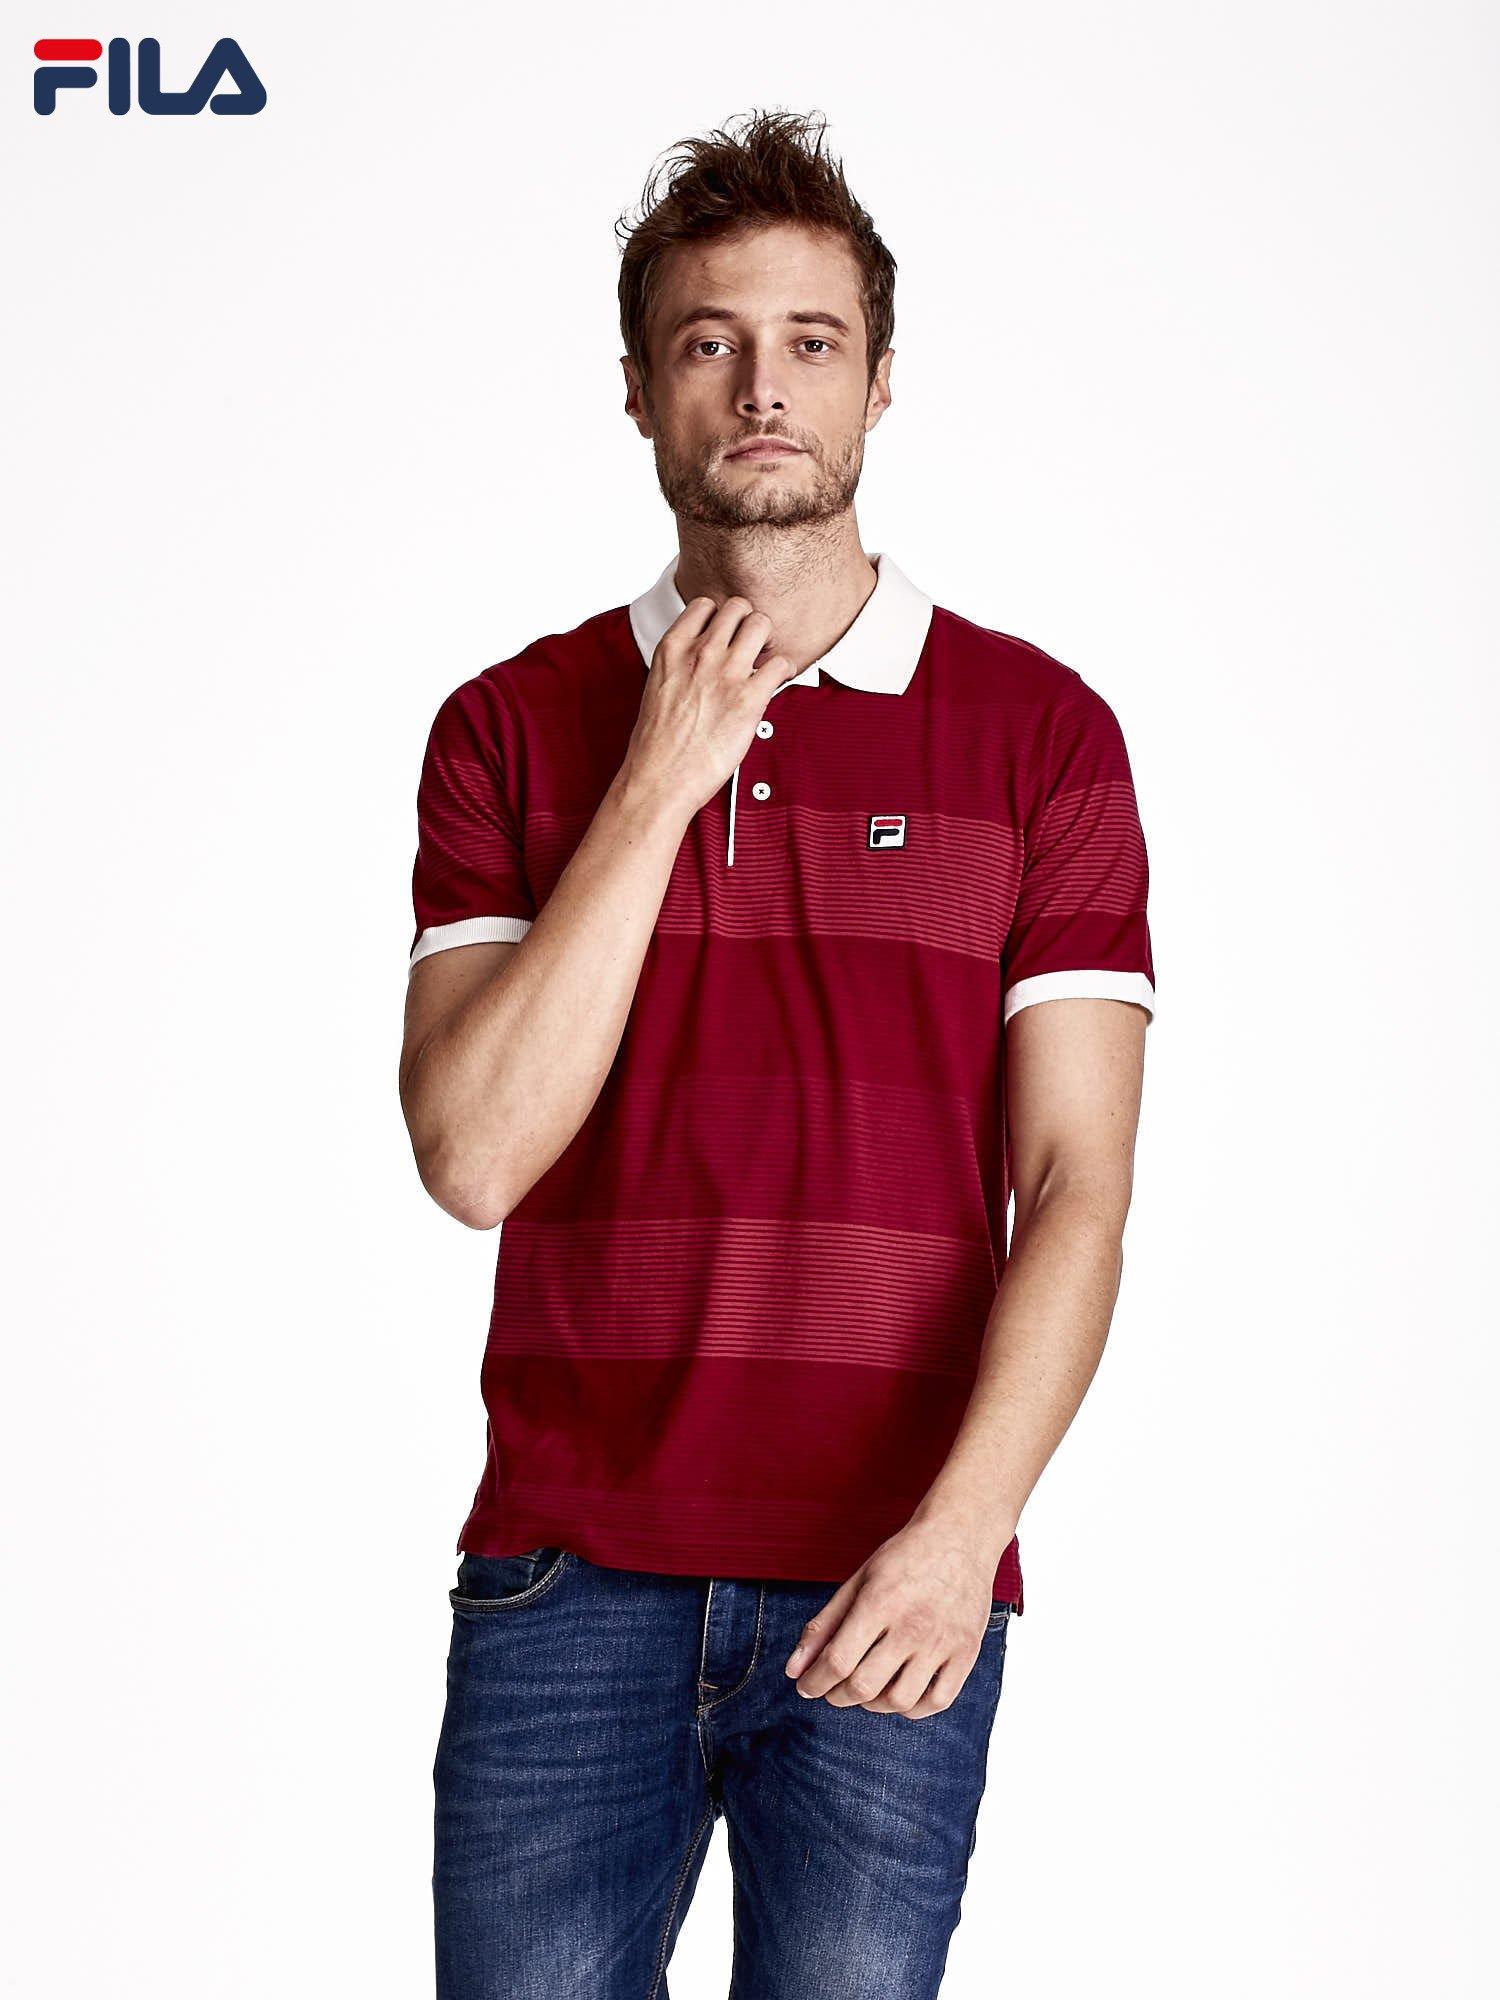 0b117d505b98 FILA Czerwony t-shirt koszulka polo męska w paski - Mężczyźni ...